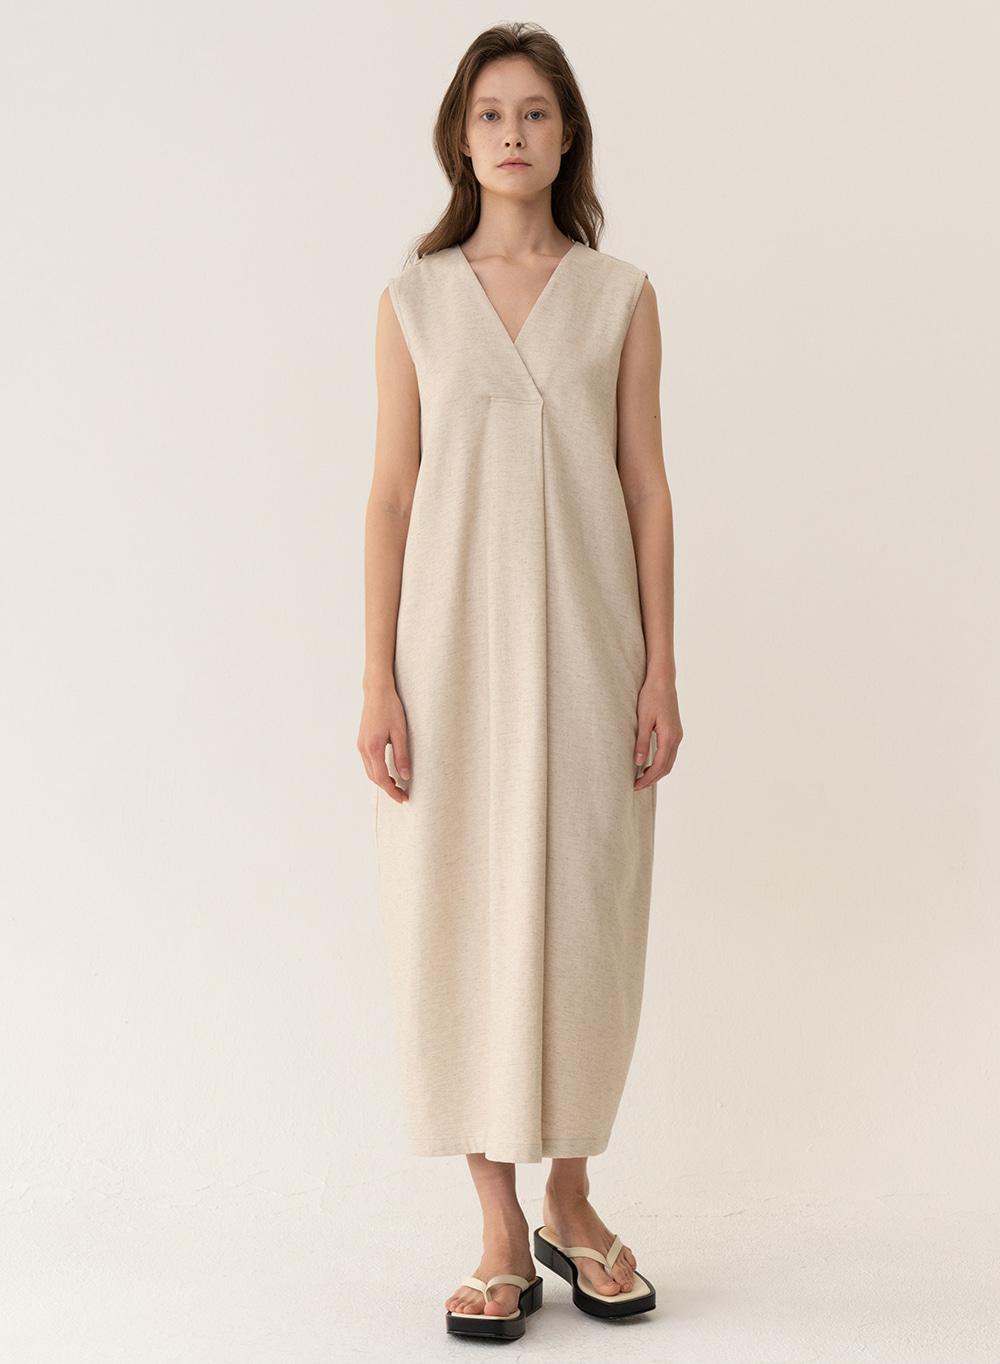 [ESSENTIAL] Soft Linen Dress Natural